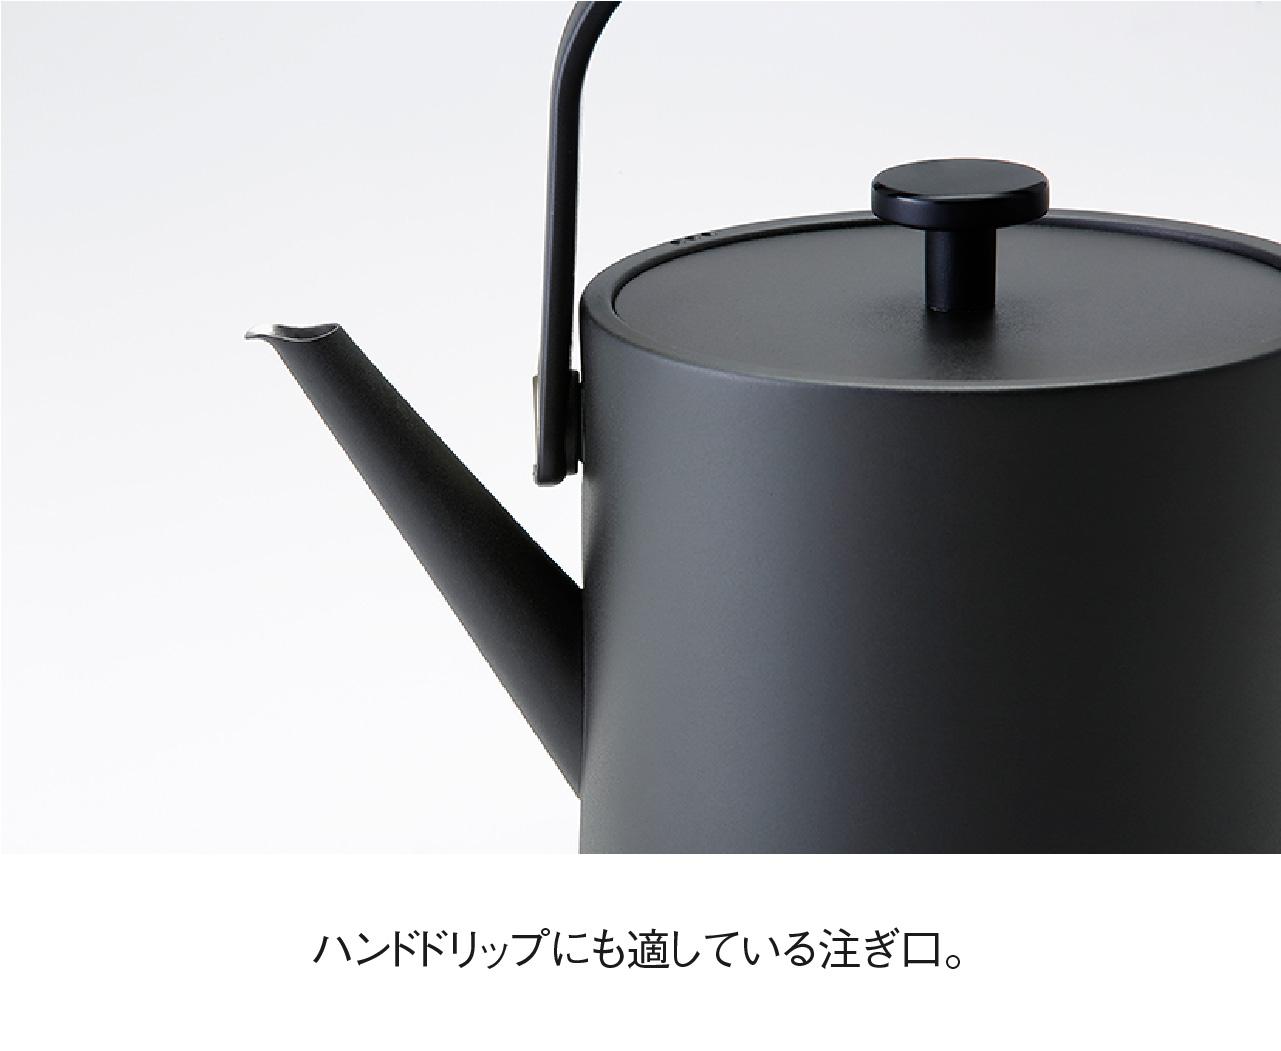 Tケトル ブラック 7106JP-BK